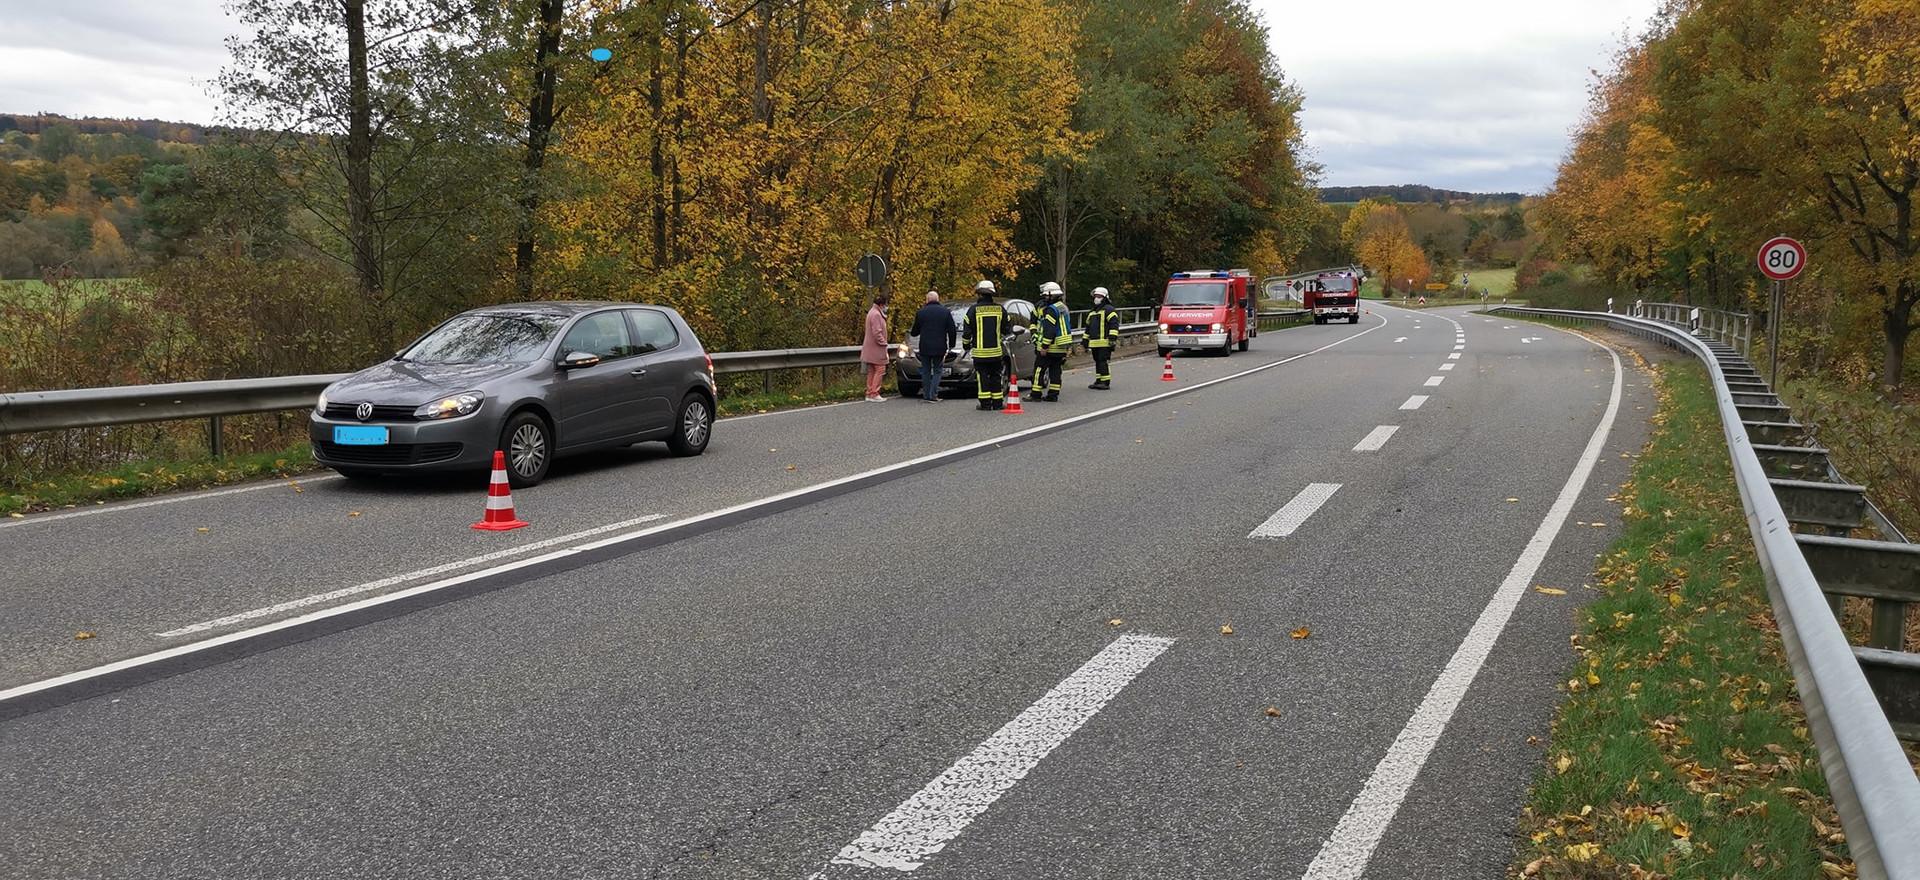 10. & 11. Einsatz: Verkehrsunfall